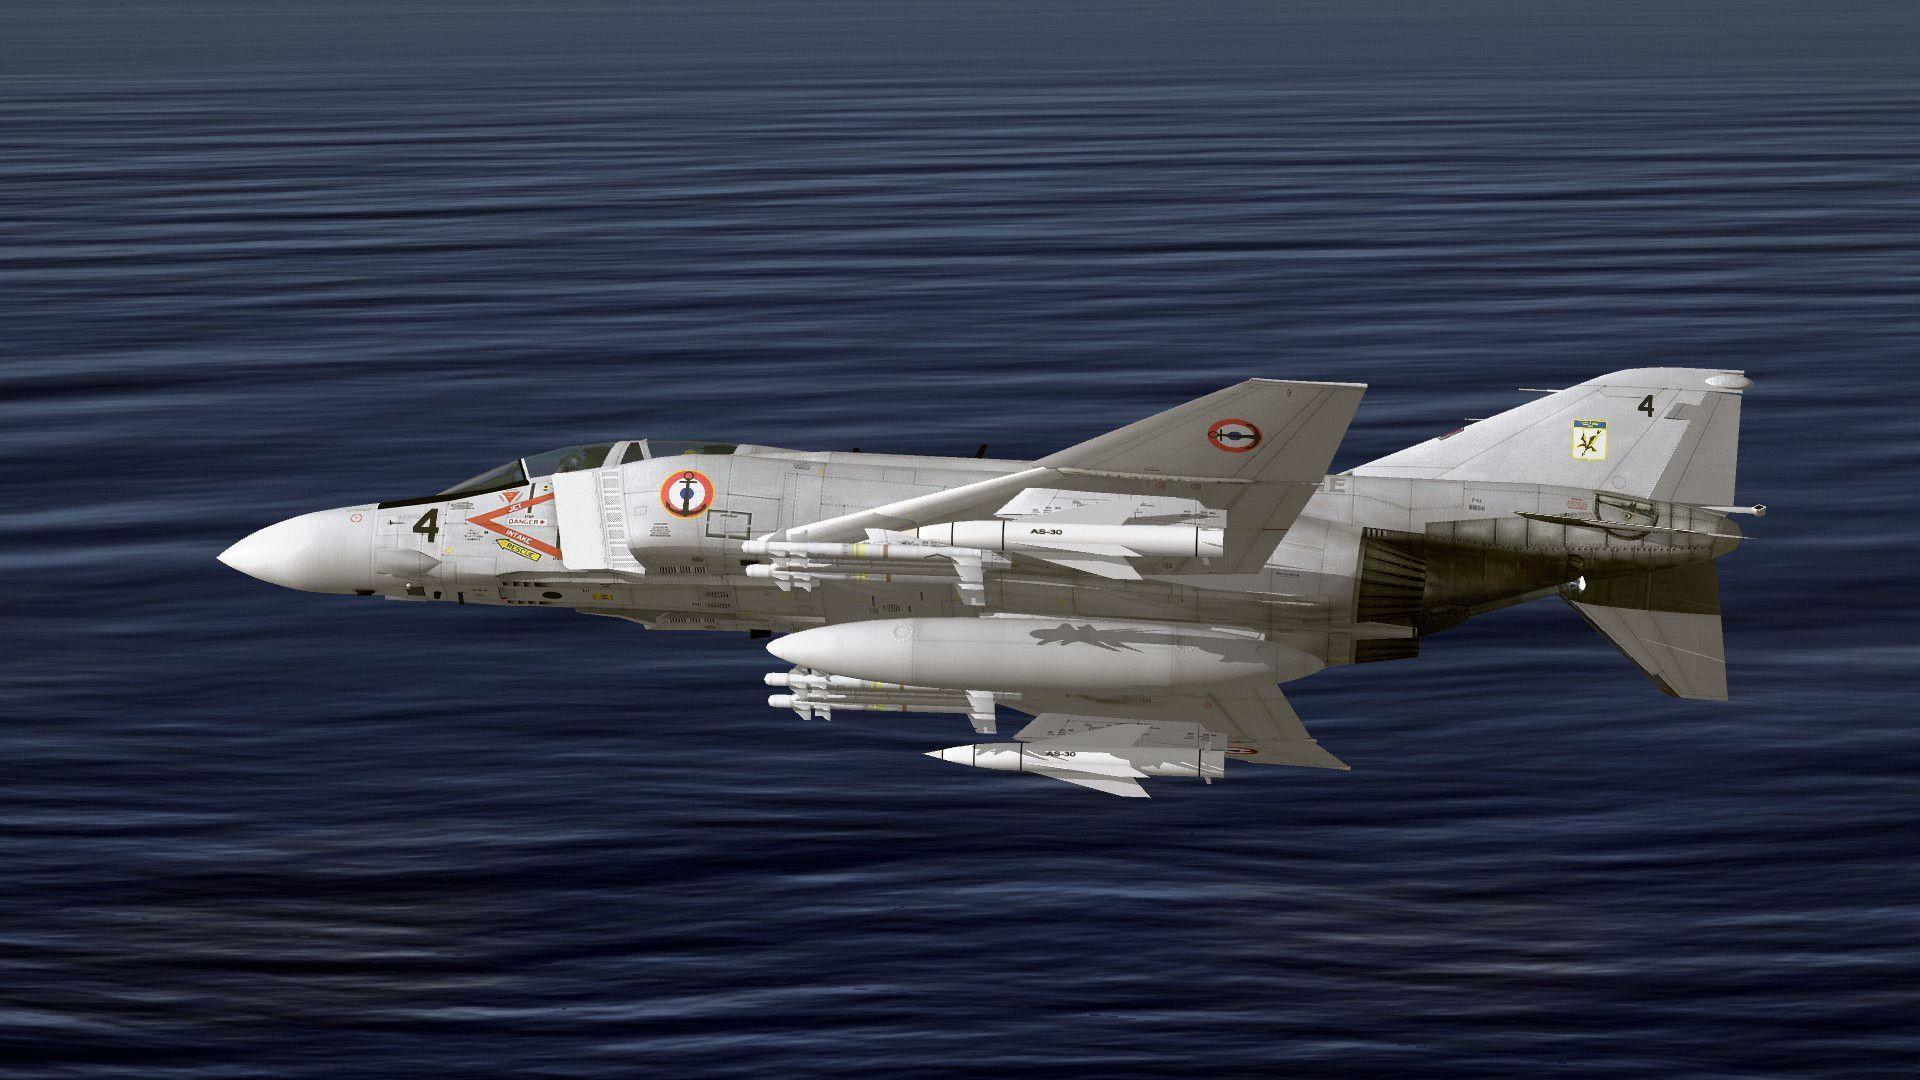 AERONAVALEF-4JPHANTOM10_zps8662bc87.jpg